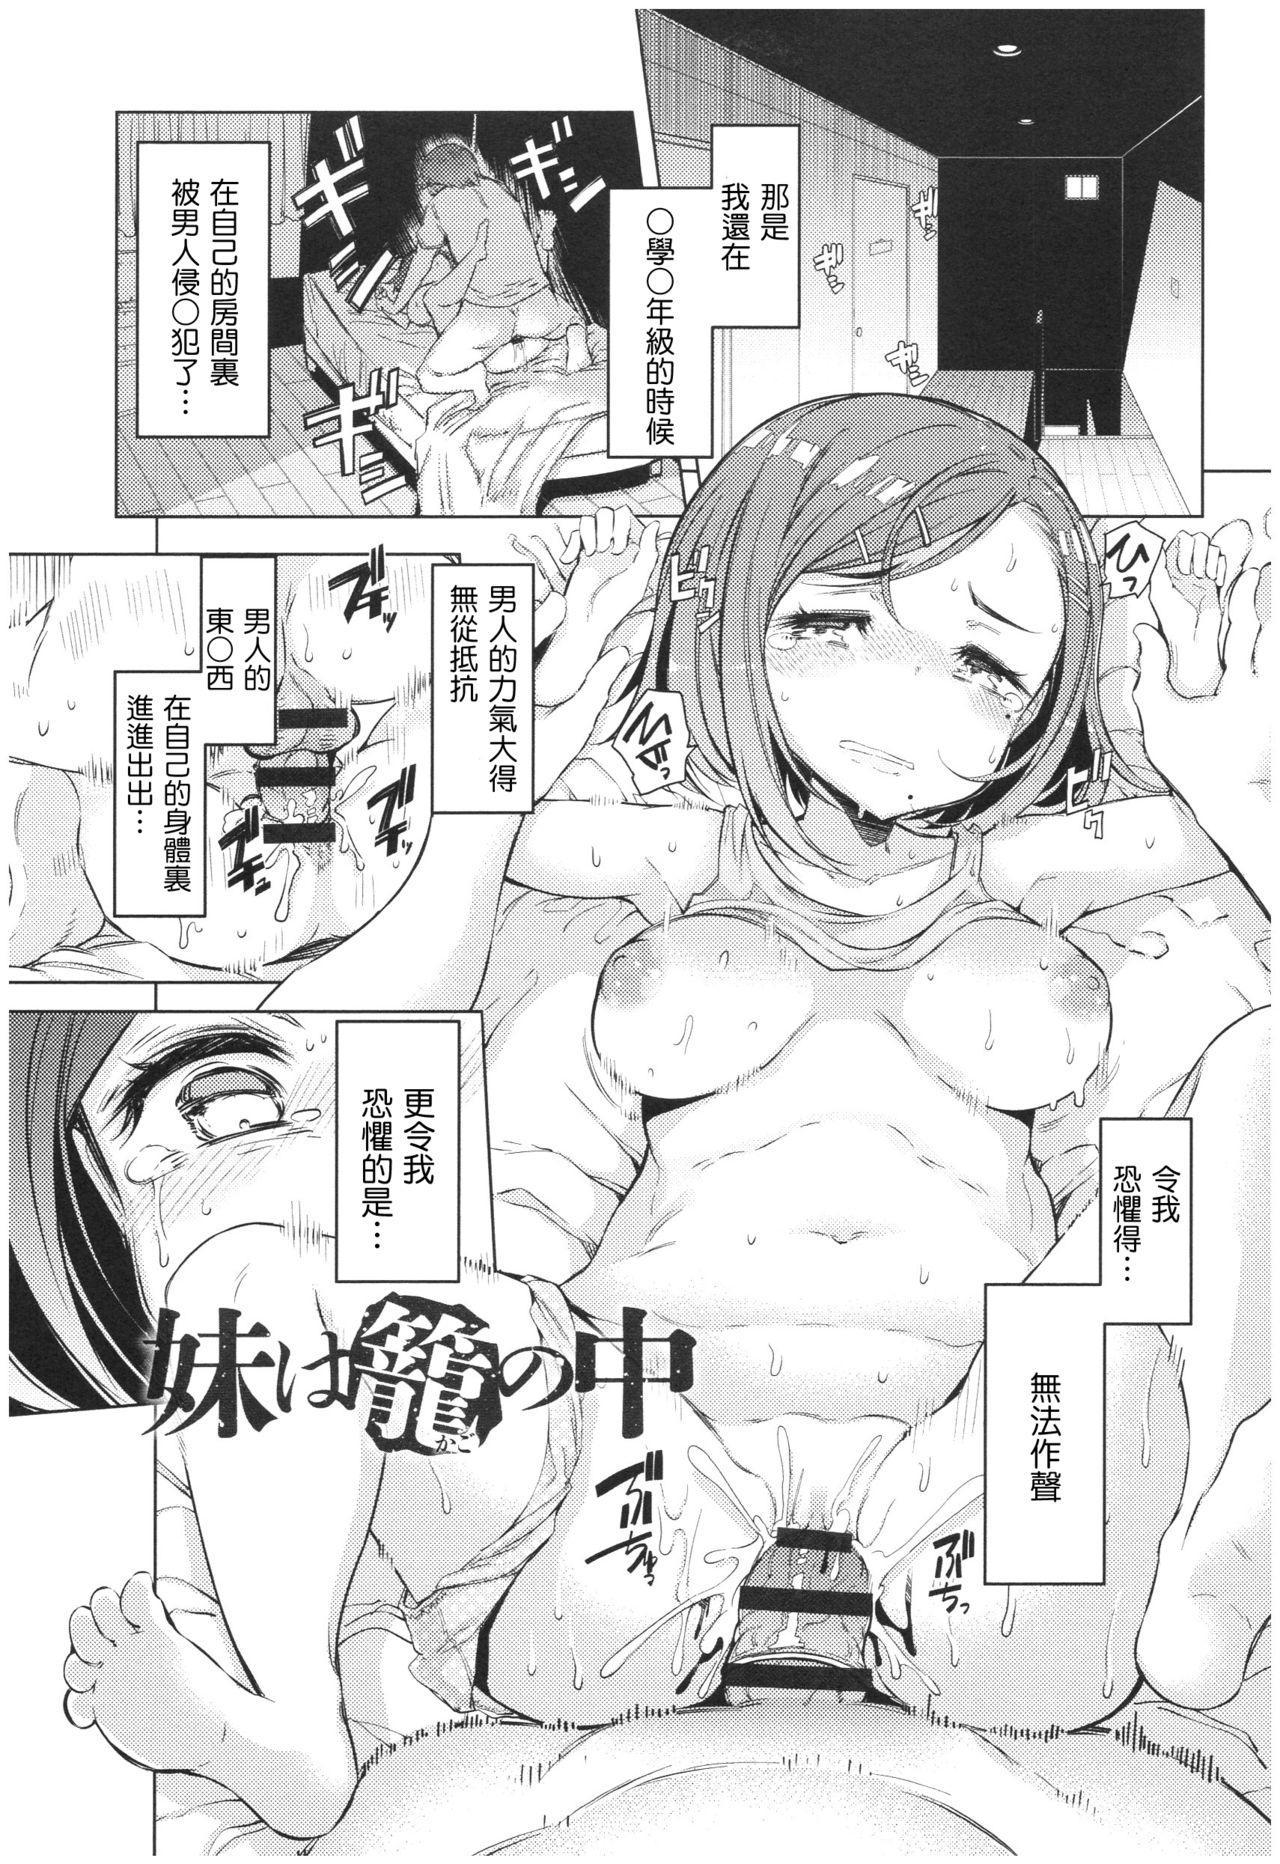 Ochita Kyoudai no 13-nichi Gougan Imouto no Otoshikata 167